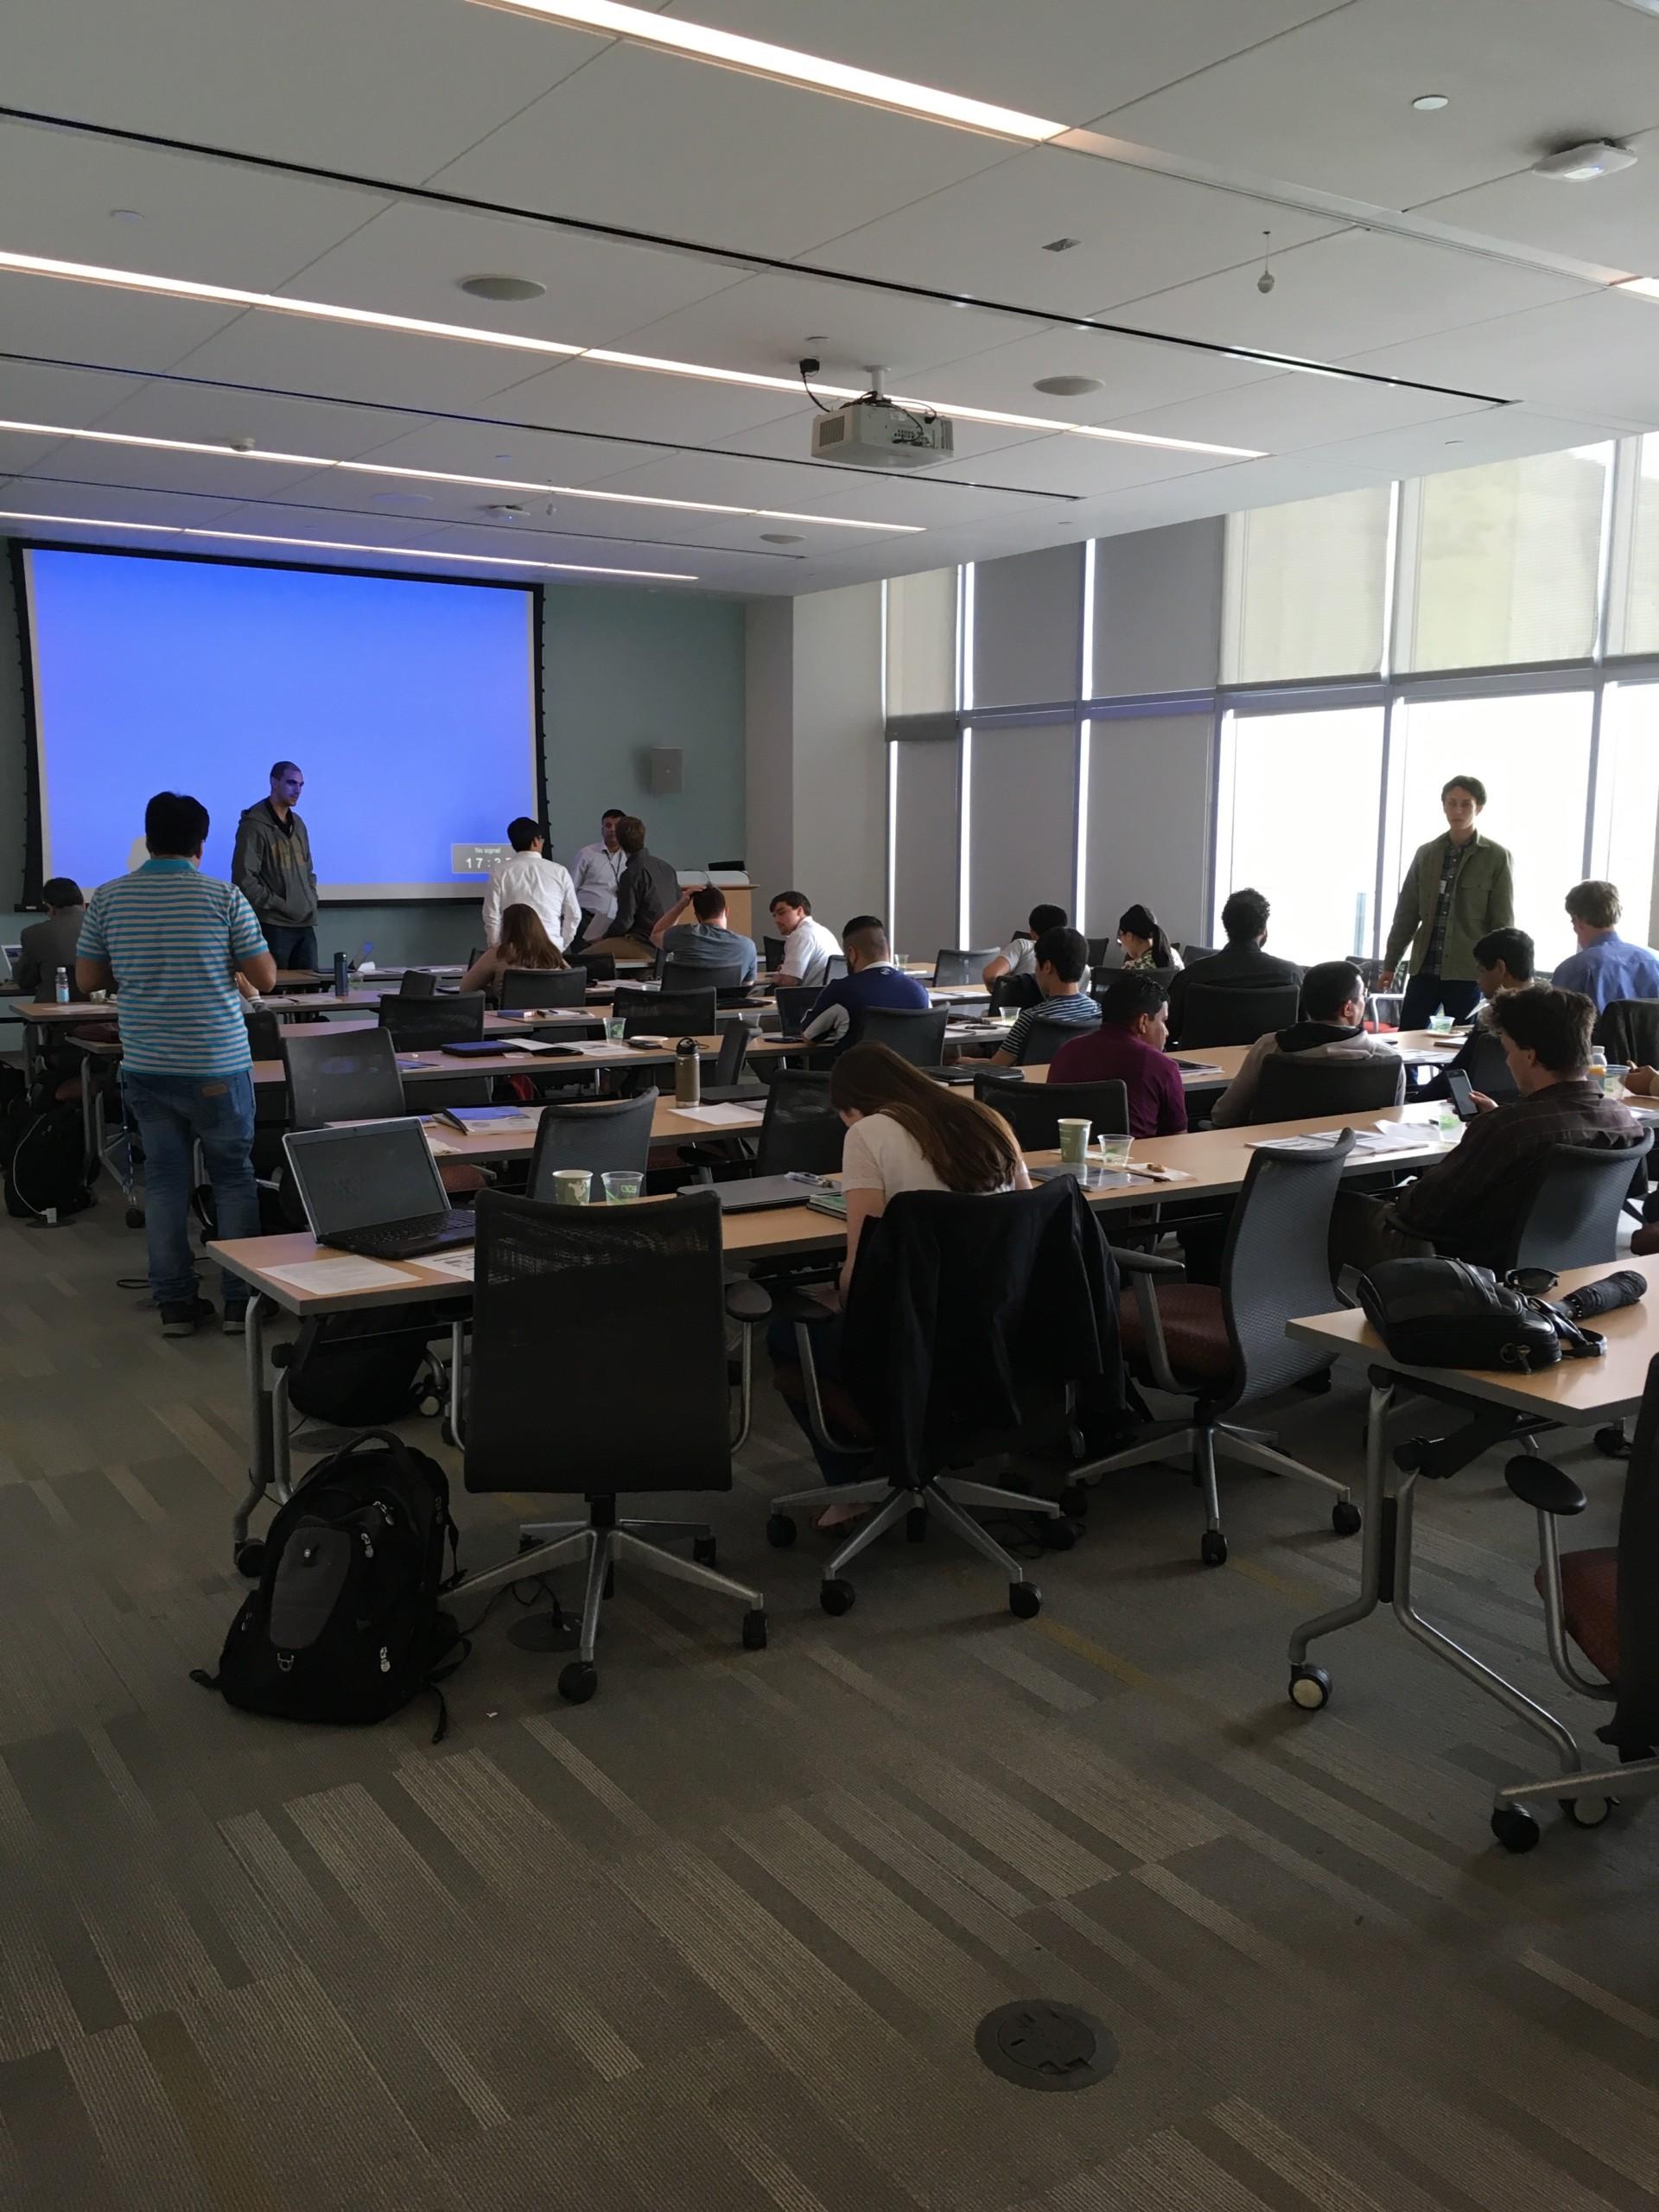 Classroom at NREL